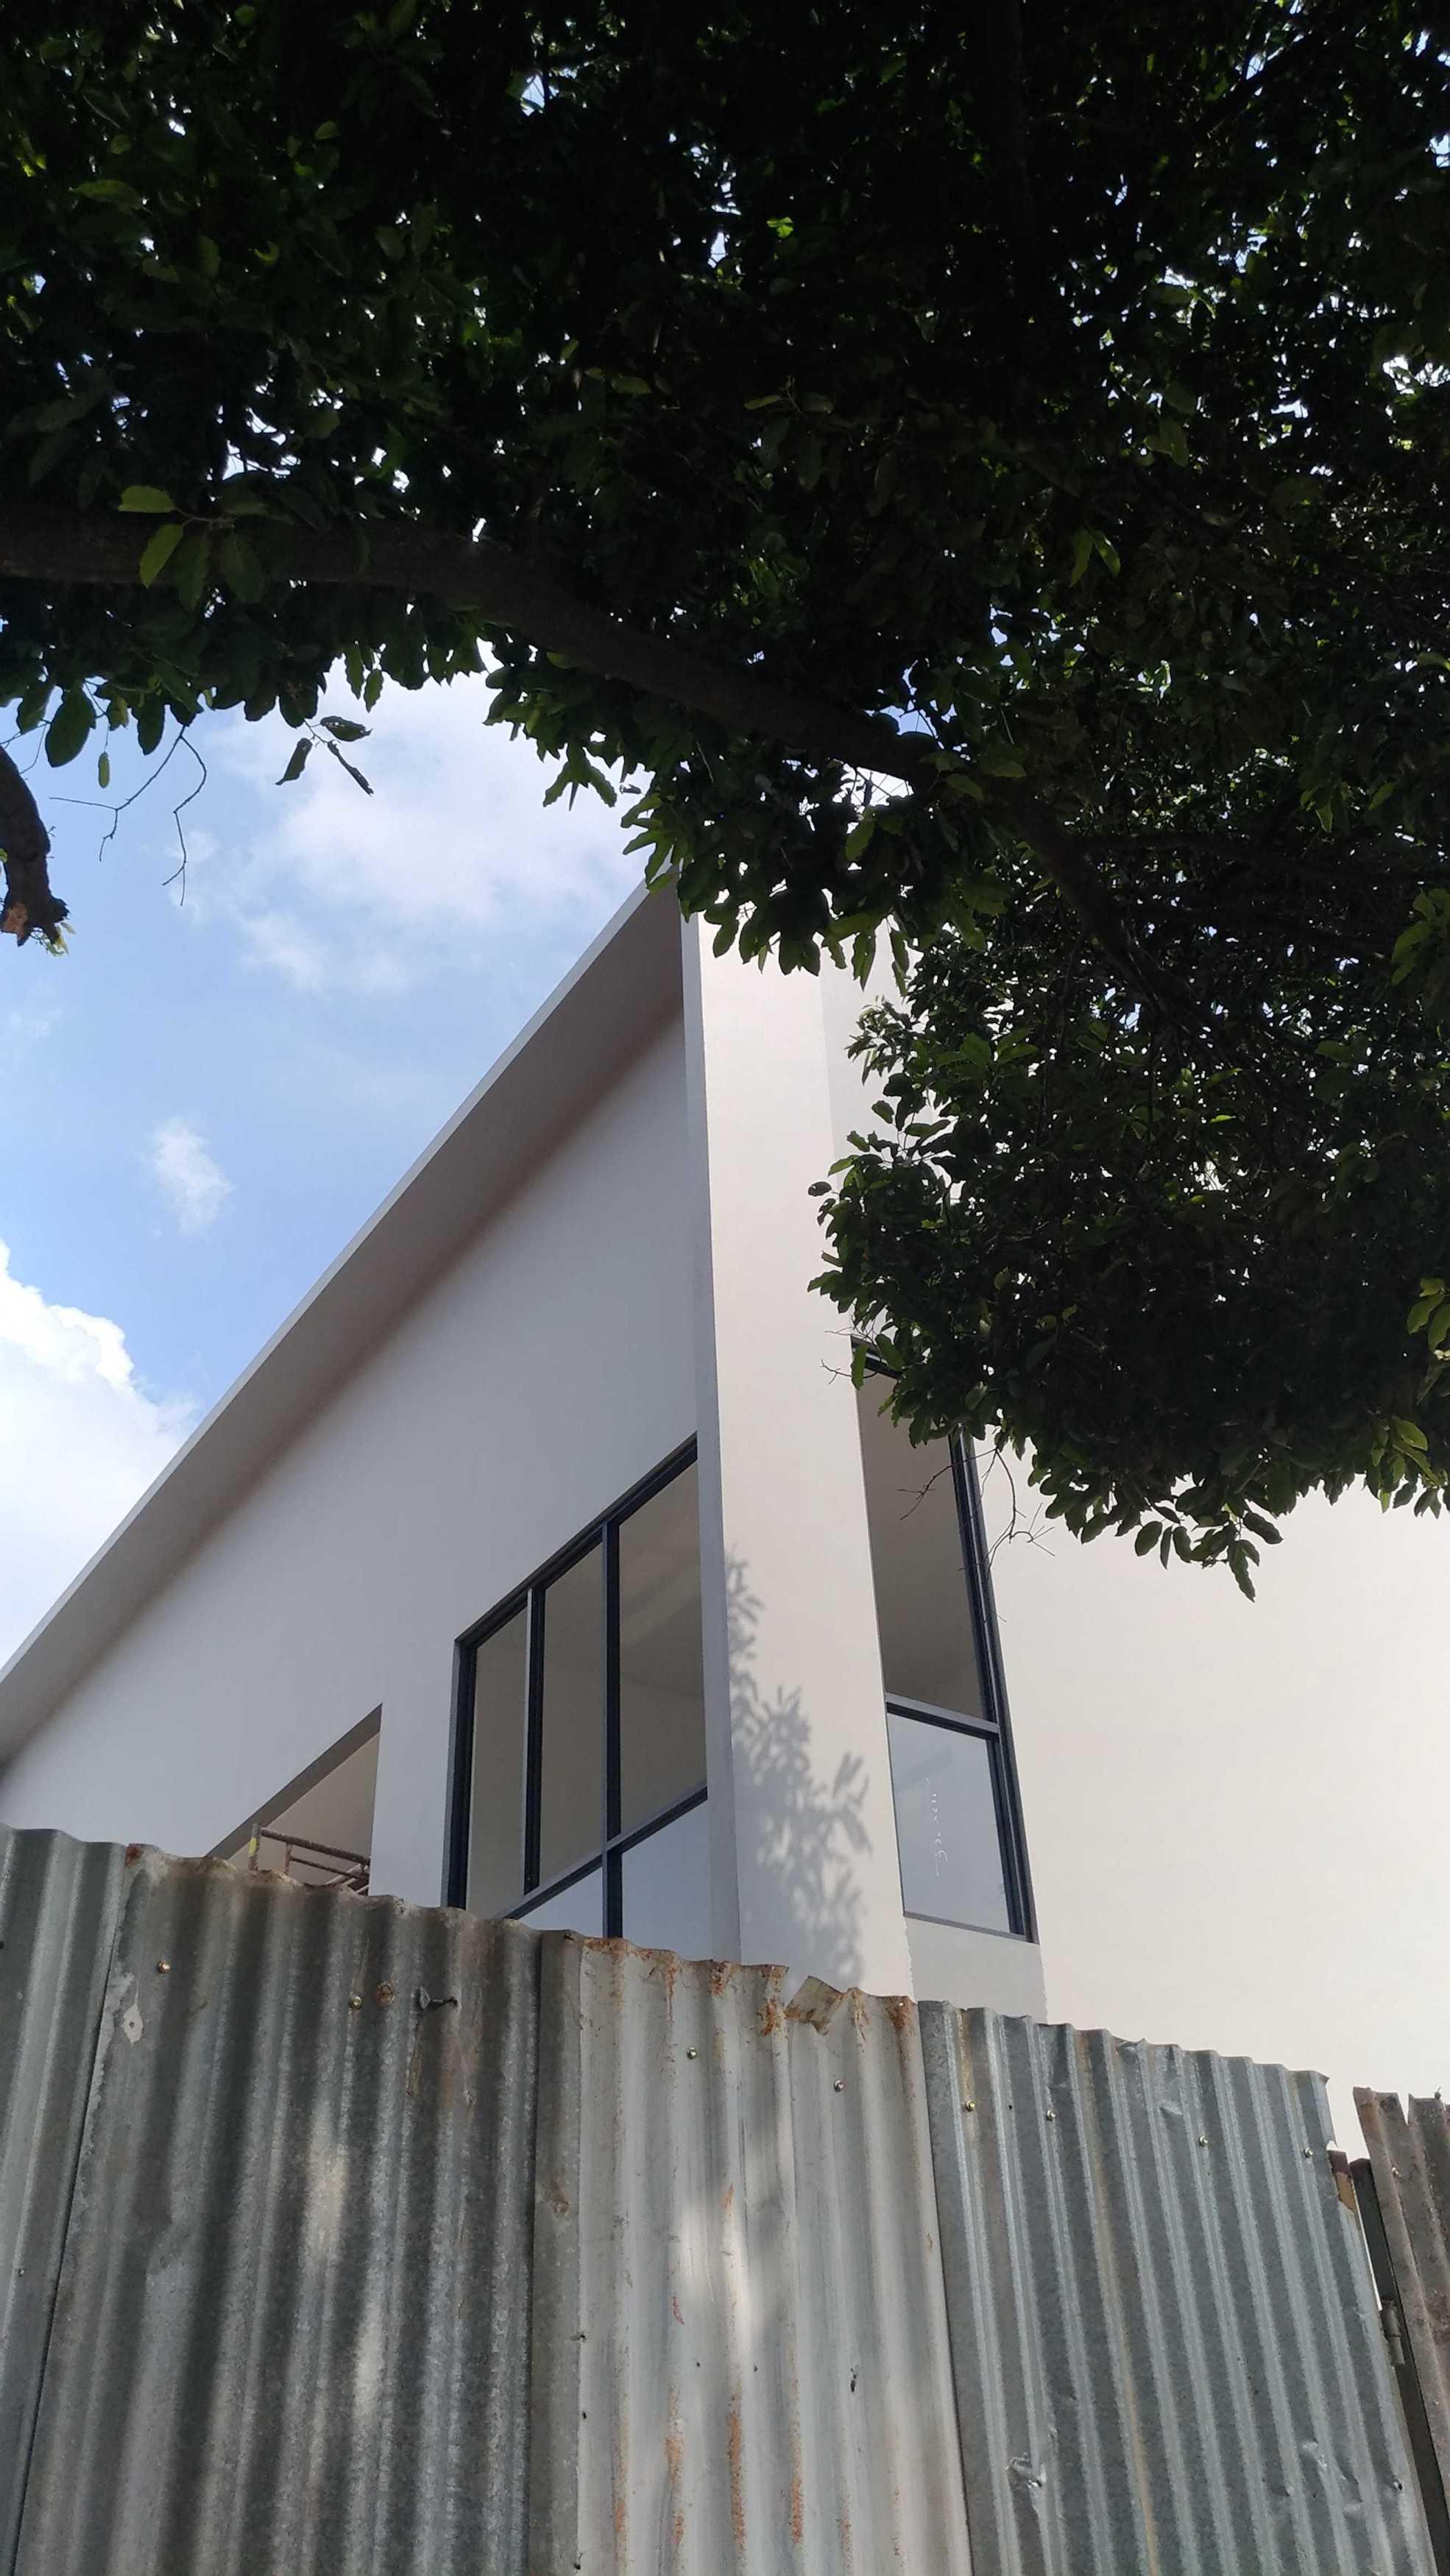 Mahastudio & Partner Renovasi Rumah Beiji Depok City, West Java, Indonesia Depok City, West Java, Indonesia Denah Eksisting Tropis  51334